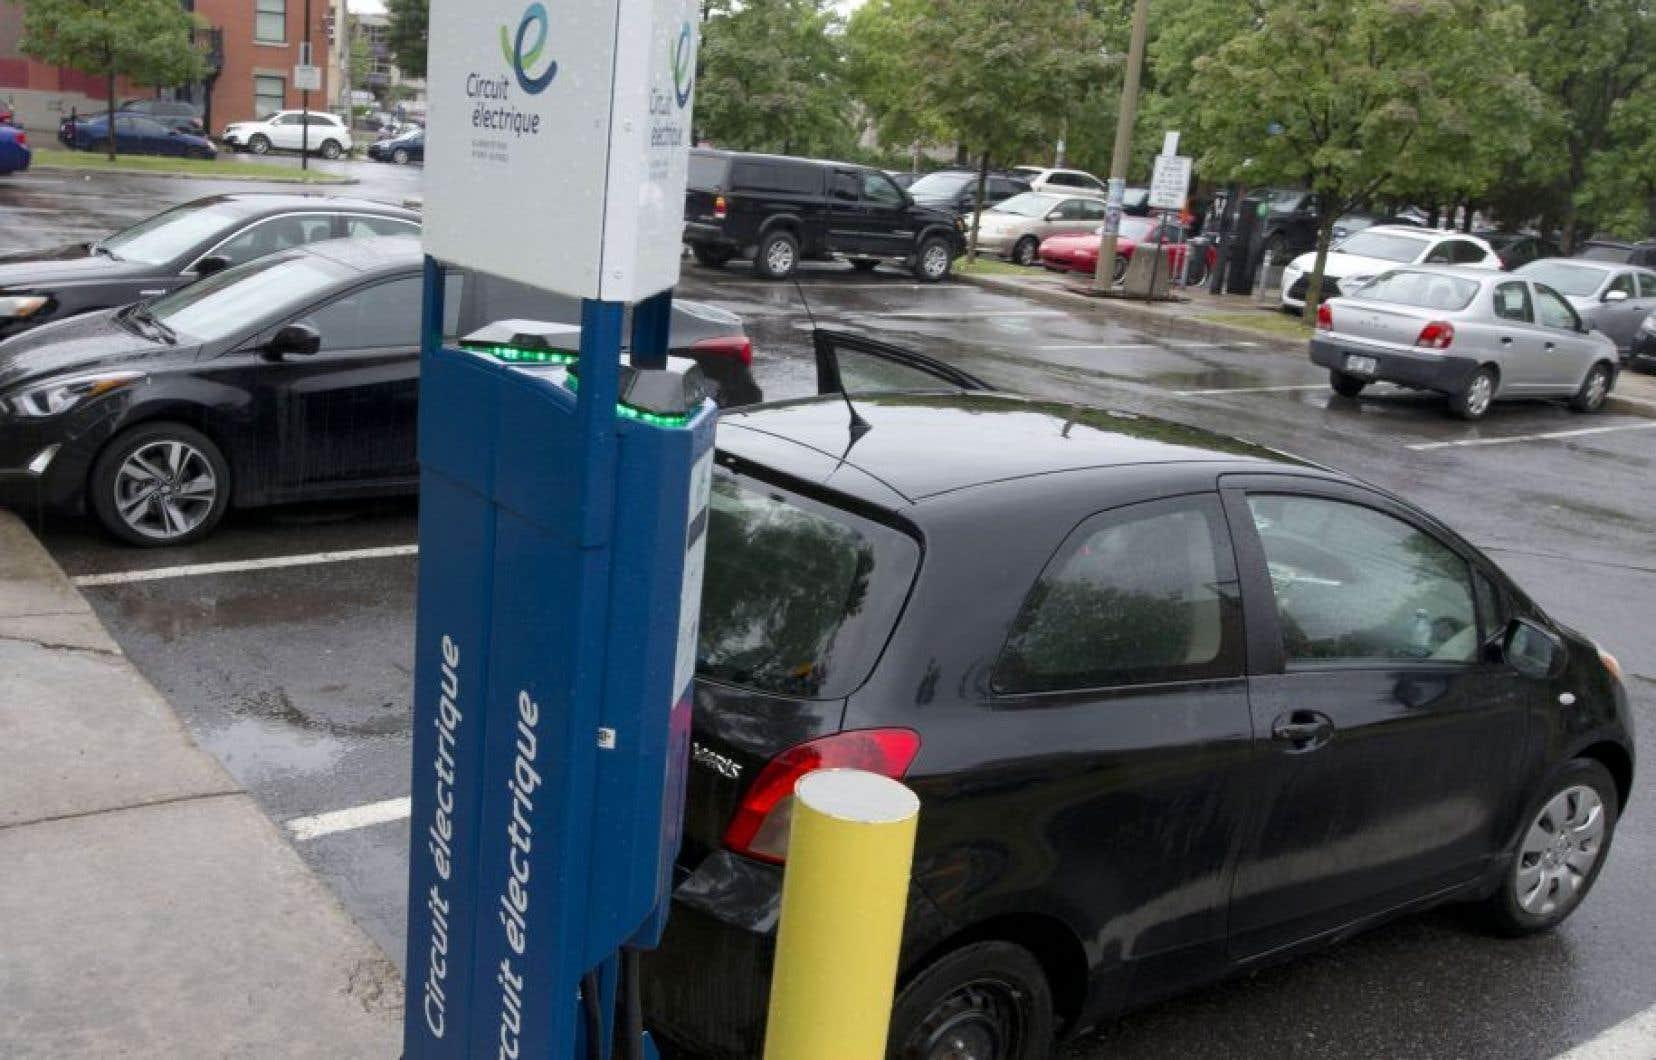 À l'heure actuelle, environ 30000 voitures électriques circulent sur les routes canadiennes.